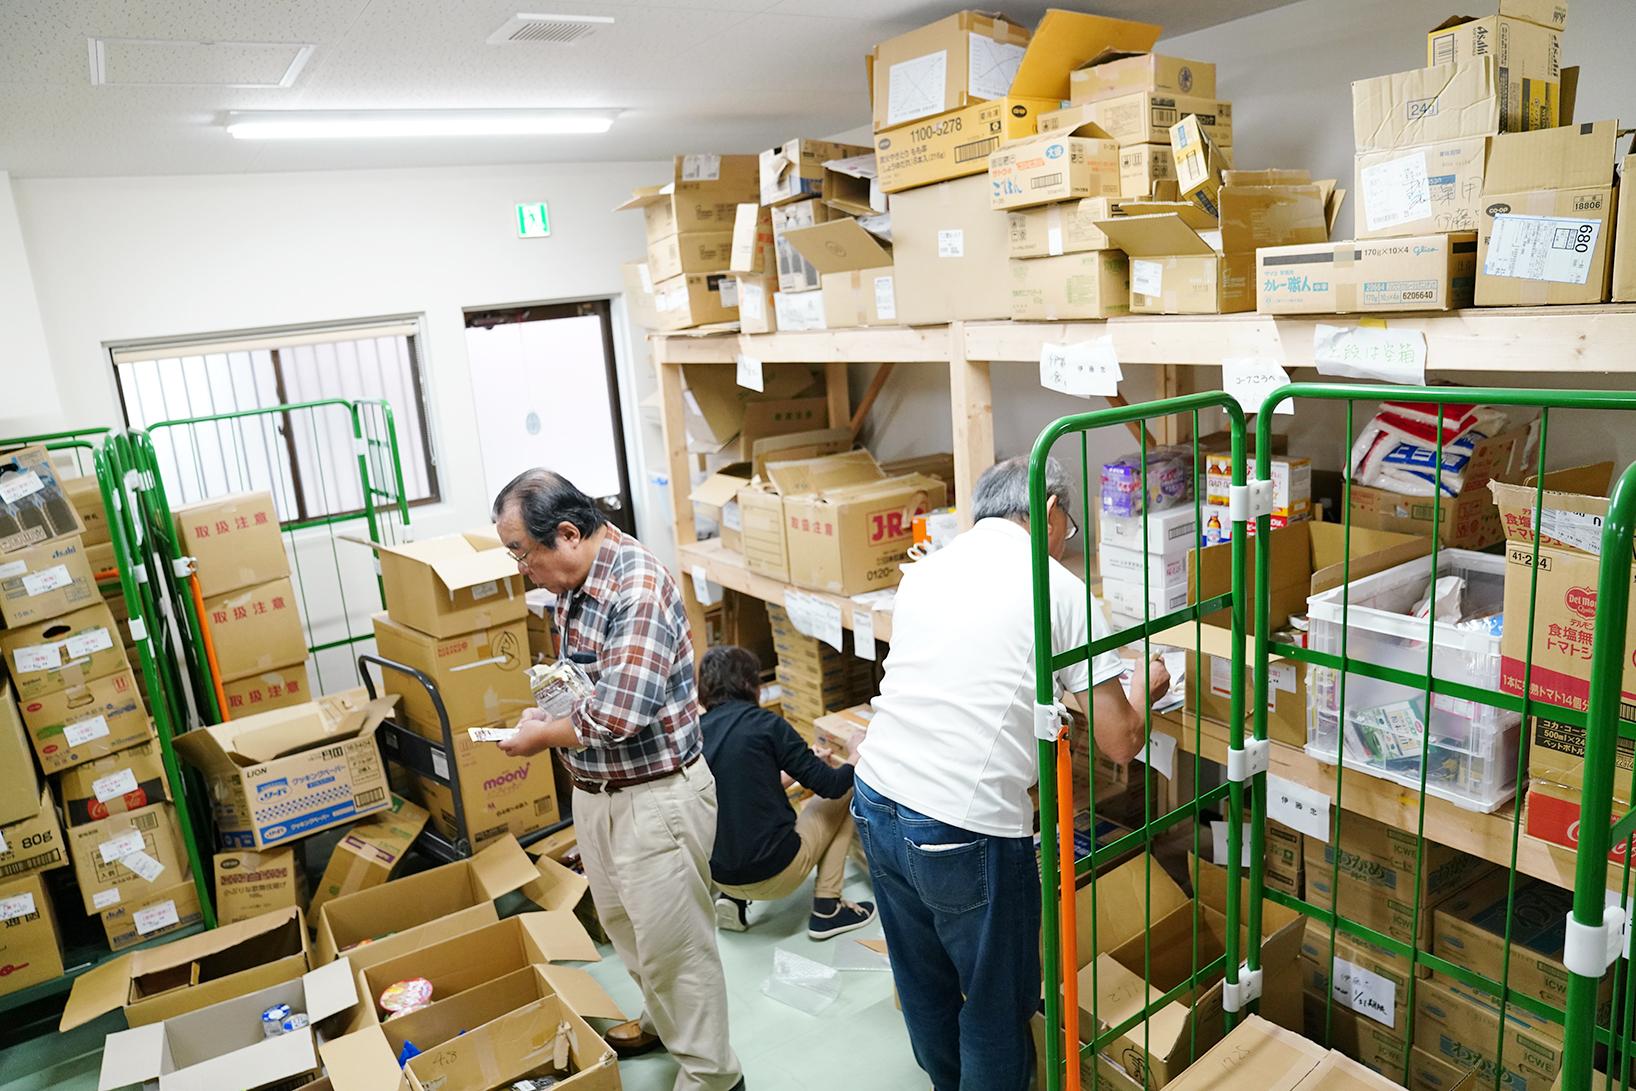 届いた食品の管理・分配を行うボランティアメンバー。